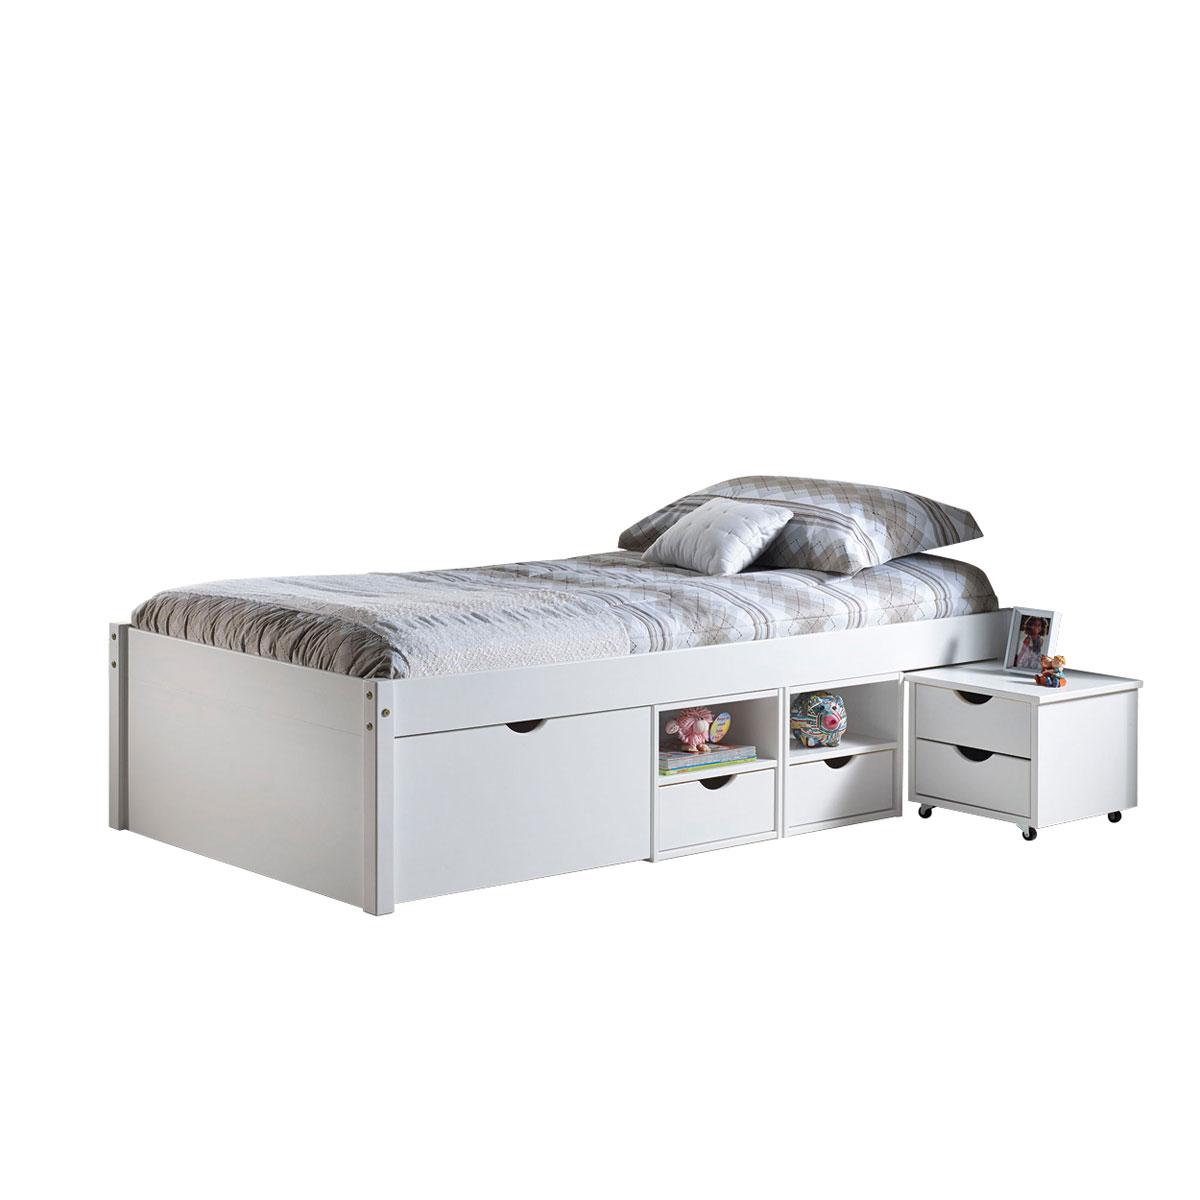 Full Size of Bett Mit Stauraum 90x200 Funktionsbett Till Preisvergleich Besten Angebote Nolte Betten Schubladen Weiß Vintage 80x200 140x200 Schlafzimmer Komplett Wohnzimmer Bett Mit Stauraum 90x200